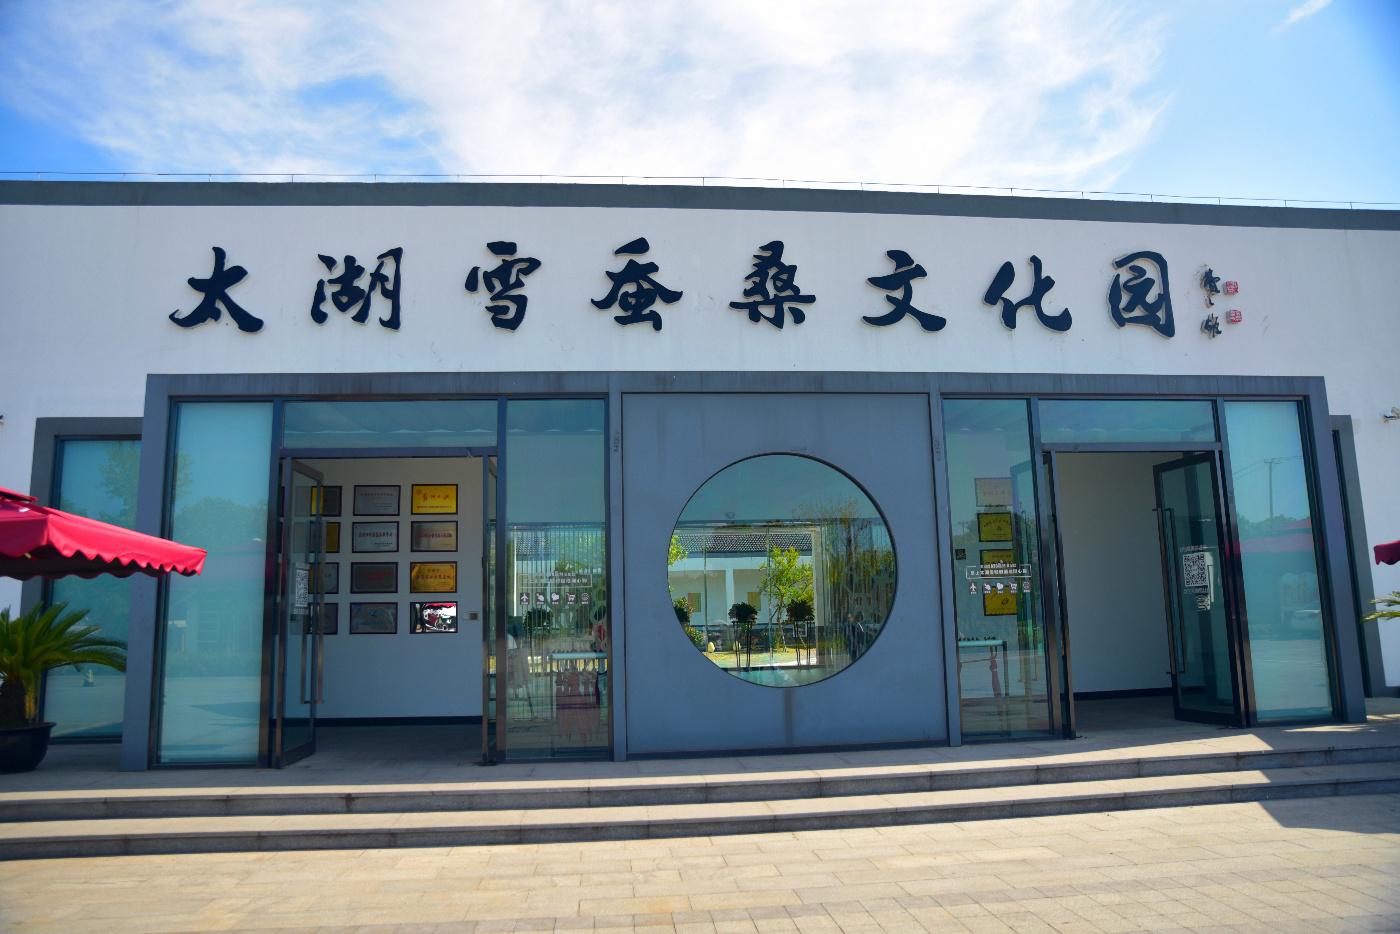 遇見吳江太湖雪蠶桑文化園,在文化產業和創意中穿梭...